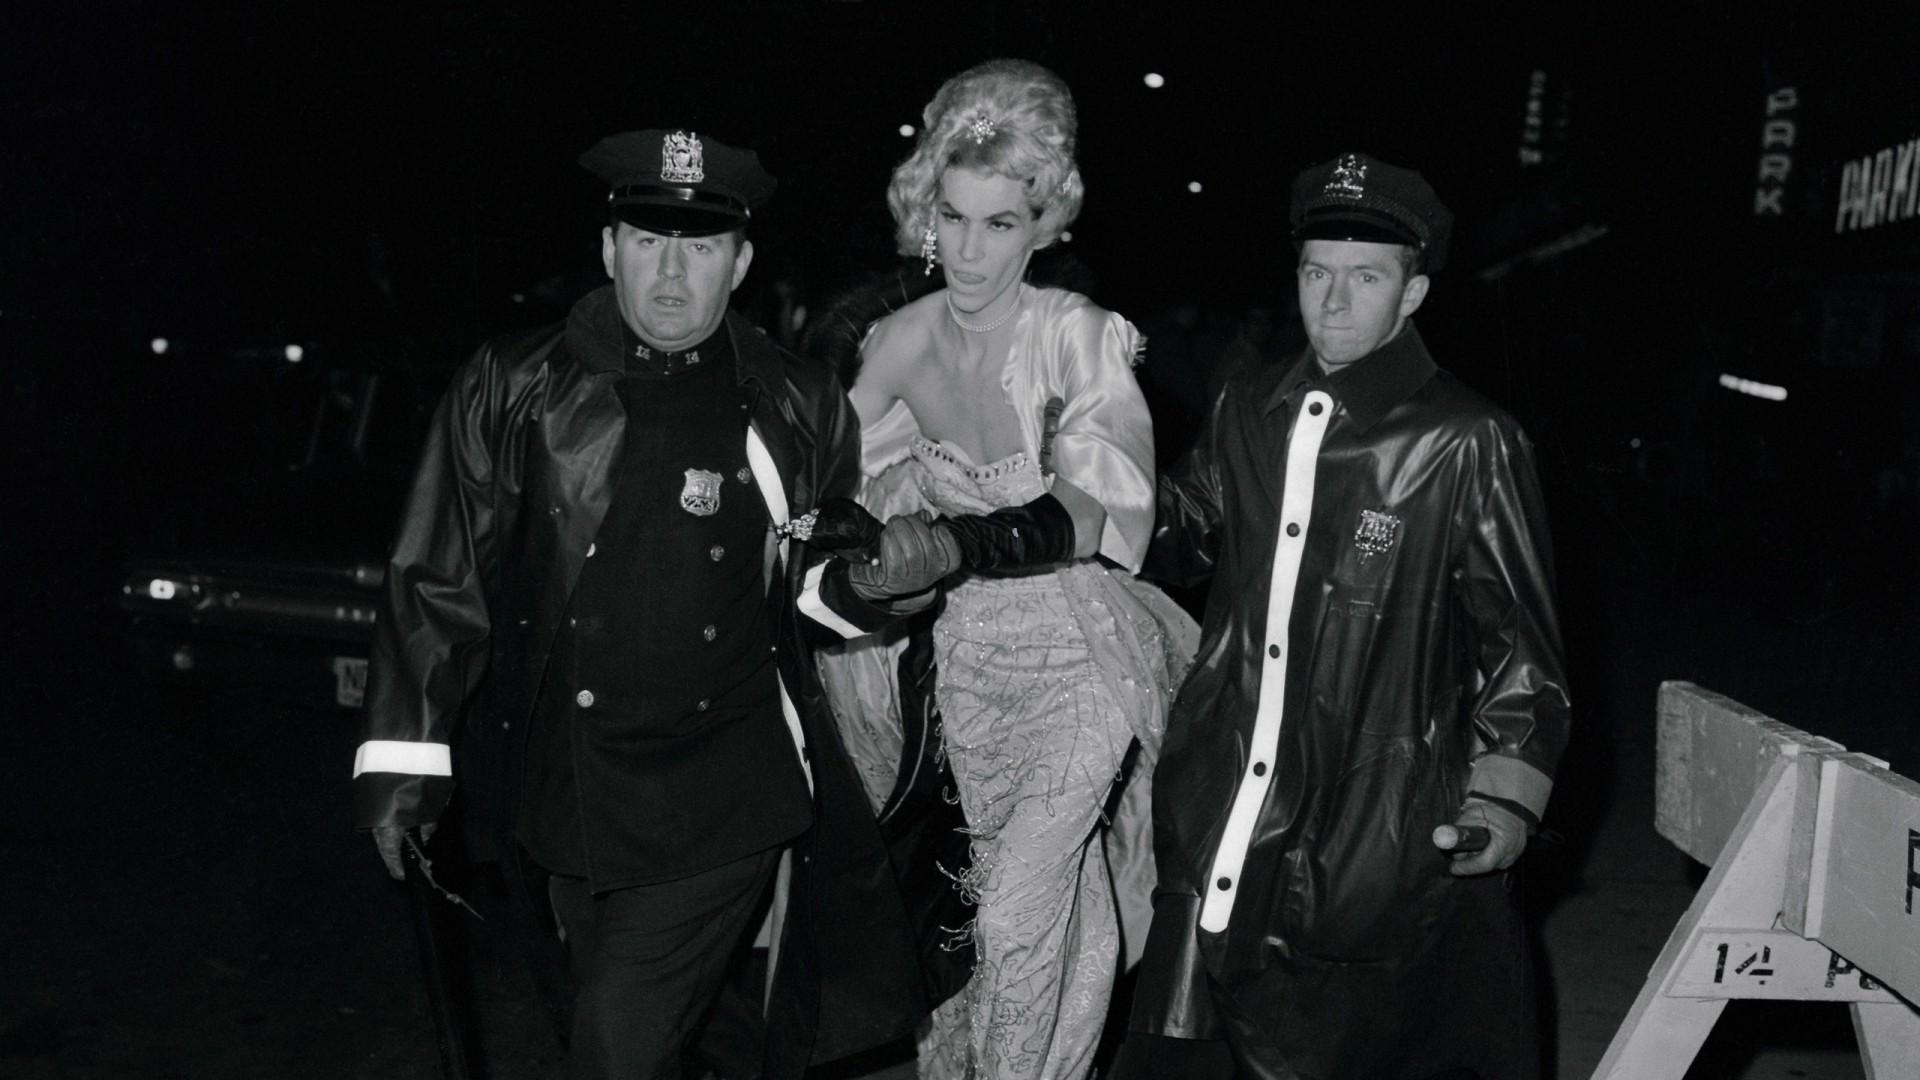 Em 28 de junho de 1969, a polícia de Nova Iorque fez uma inspeção no bar e prendeu 13 pessoas